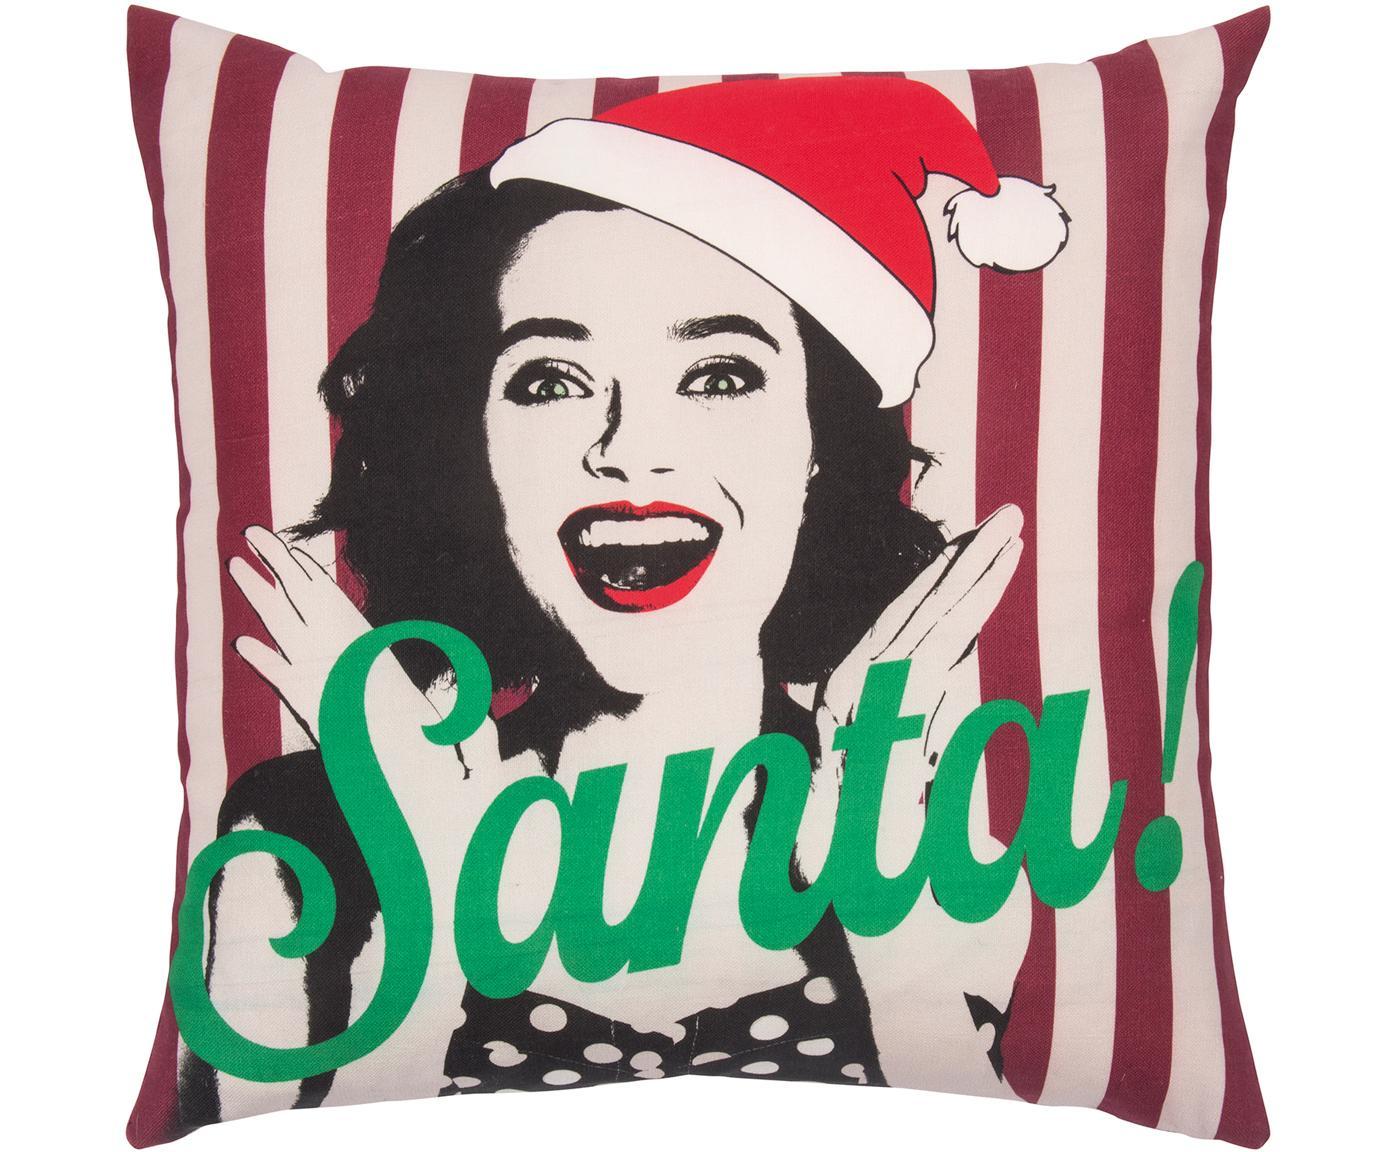 Gestreepte kussenhoes Santa, Katoen, Rood wit, groen, zwart, 45 x 45 cm